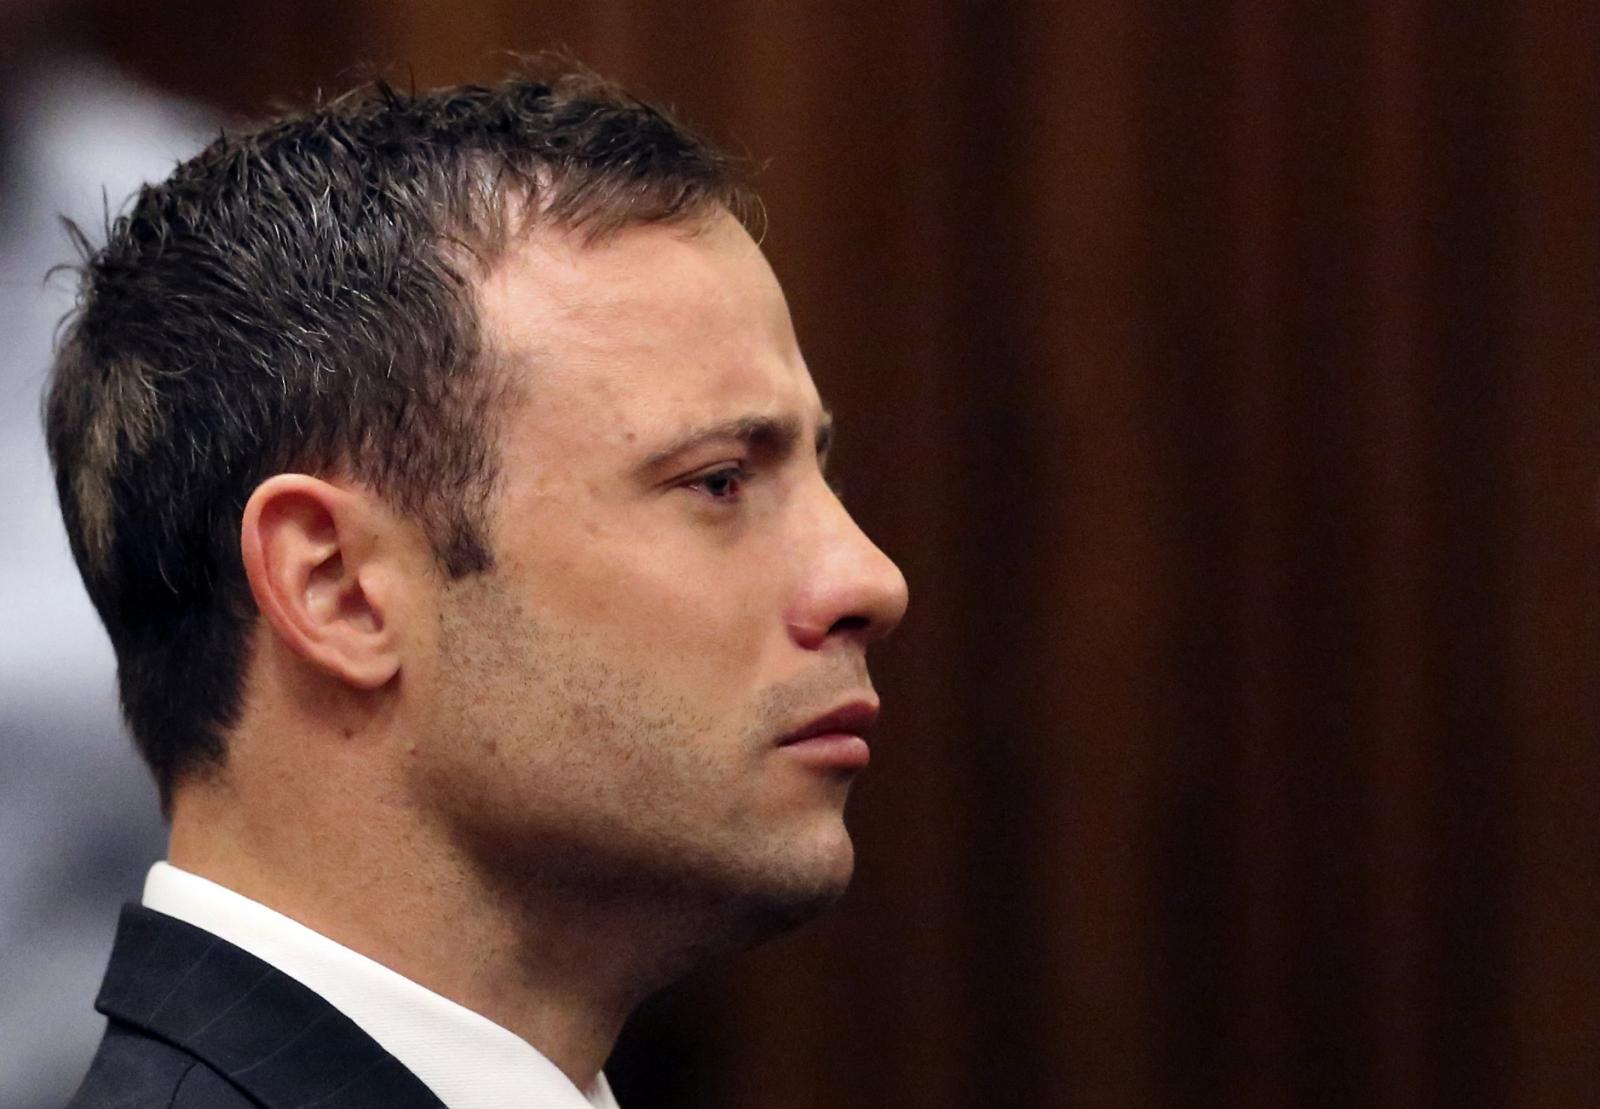 Oscar Pistorius is a